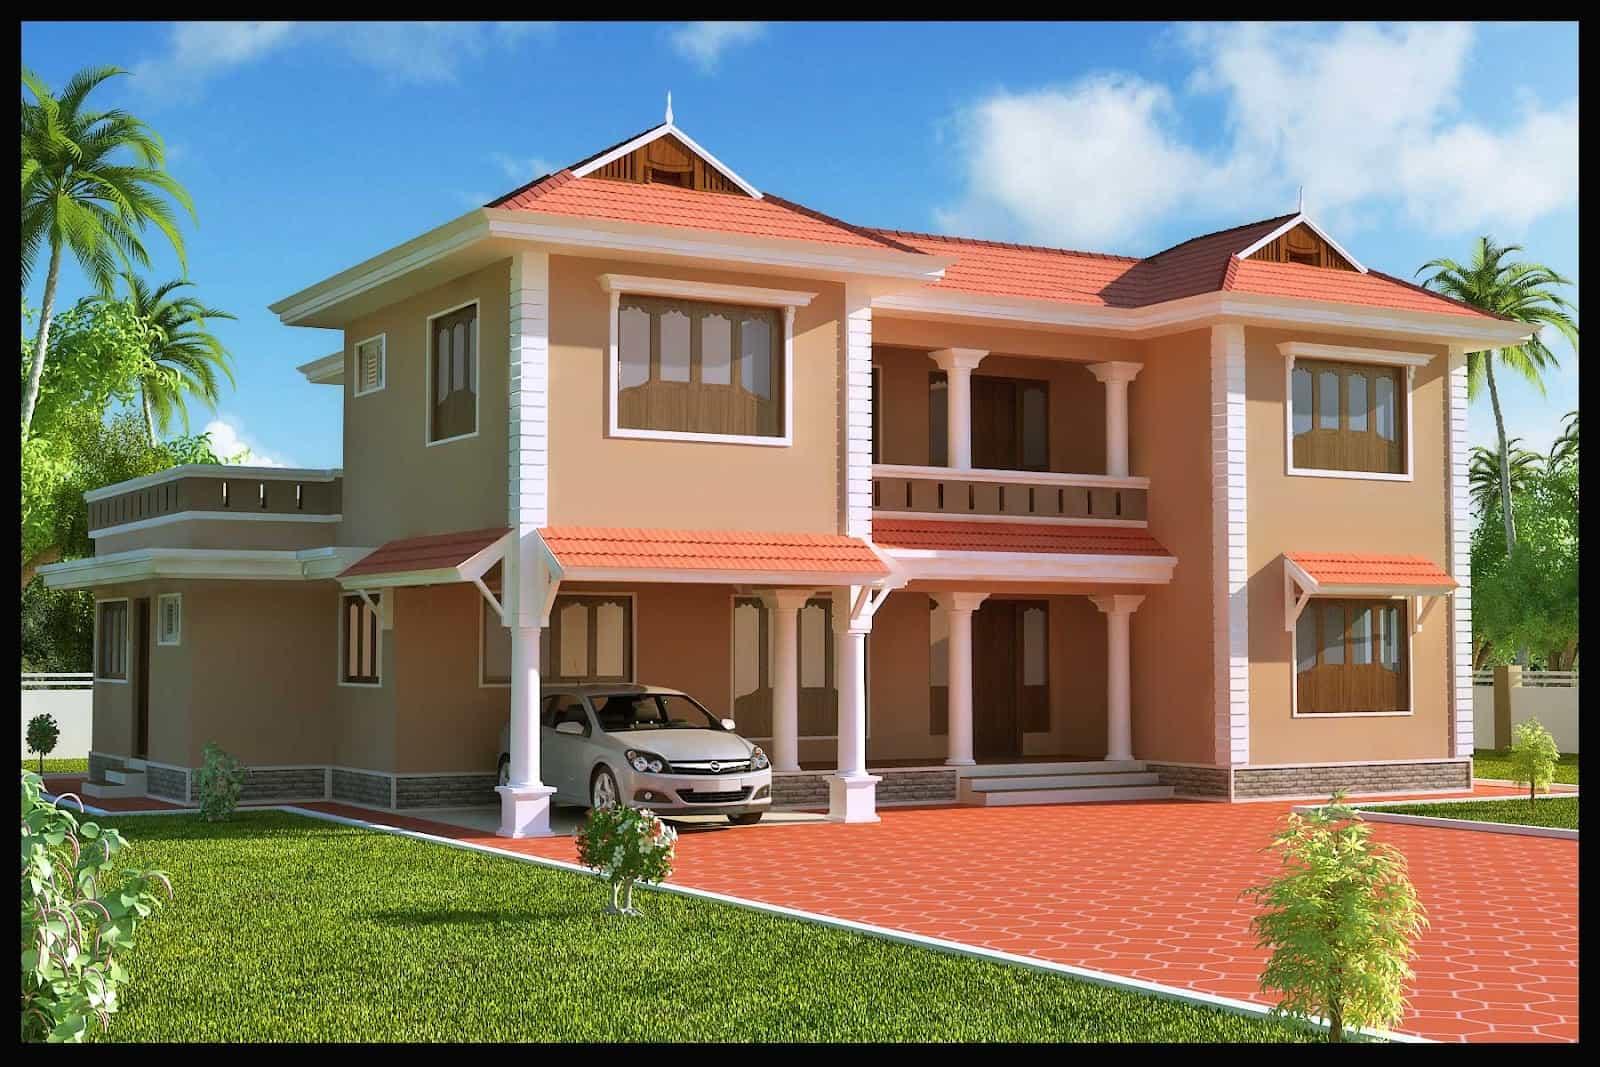 Duplex Kerala Home Design At 2618 Sqft